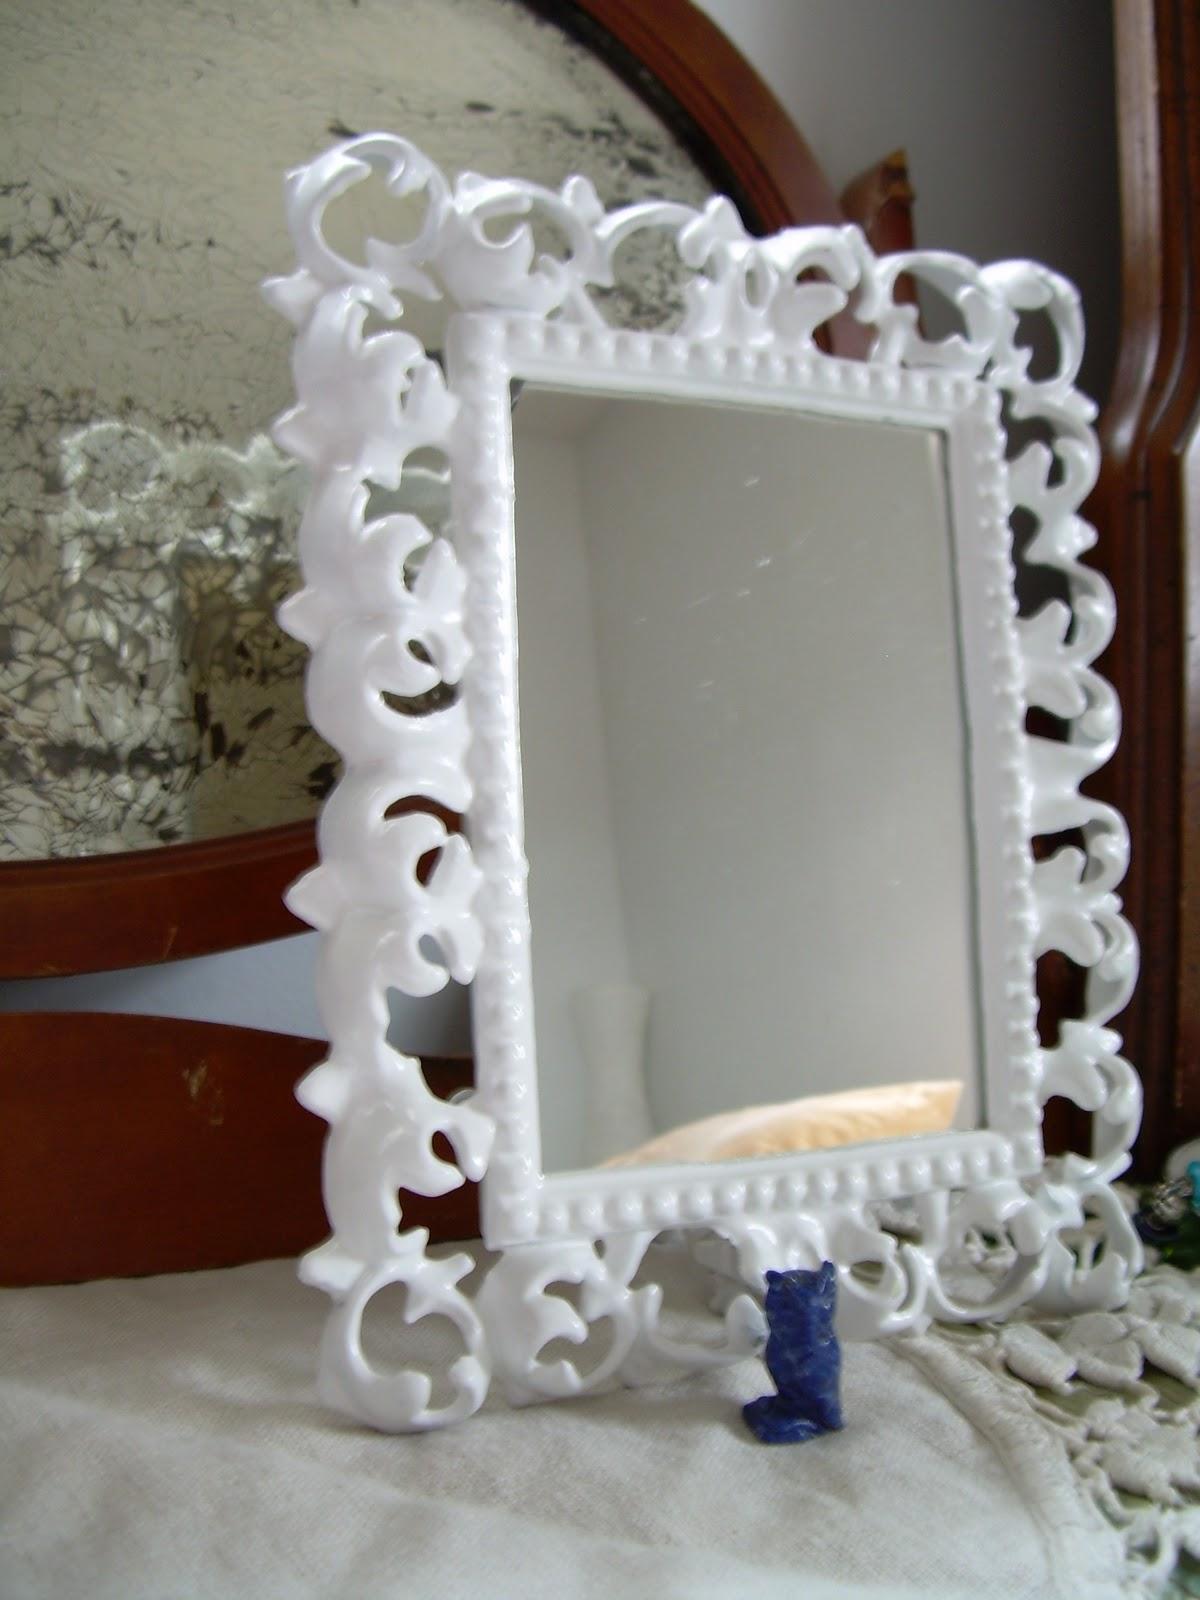 http://2.bp.blogspot.com/-DGtRRhAwGfM/TZdTfuH6ZUI/AAAAAAAAAMA/qX4TaWH7eEM/s1600/cast+iron+mirrors+002.JPG